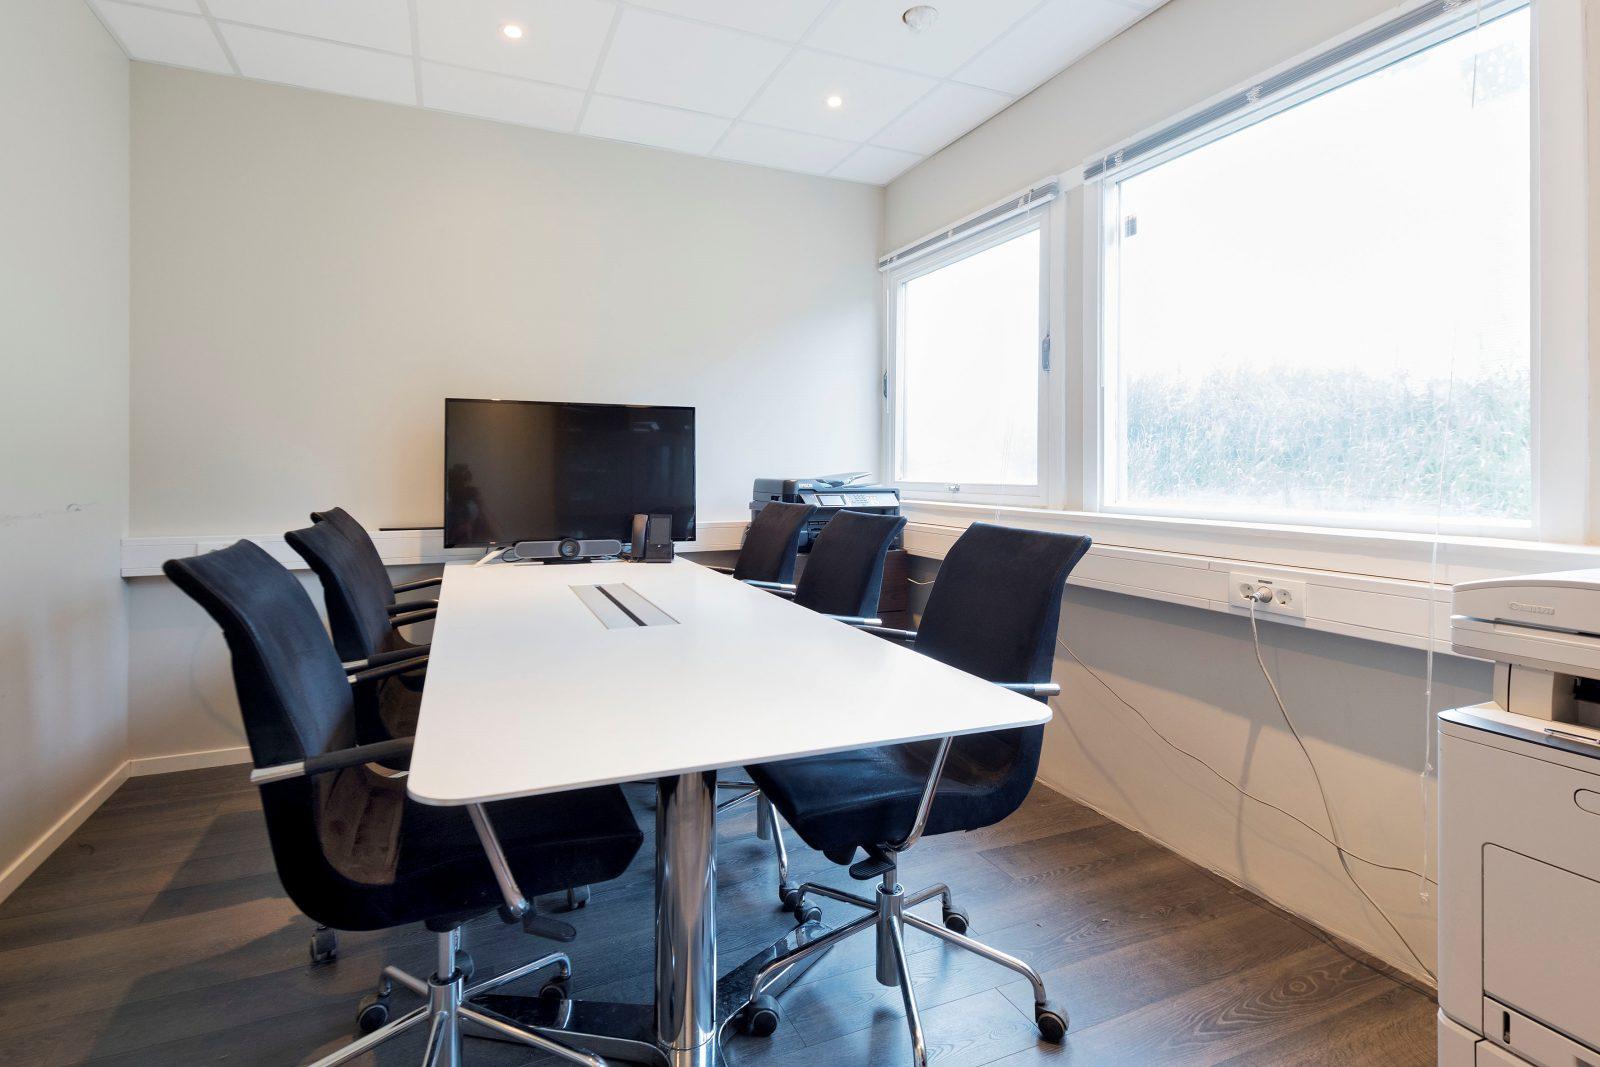 Møterom i kontor/lagerdel ca. 142 kvm